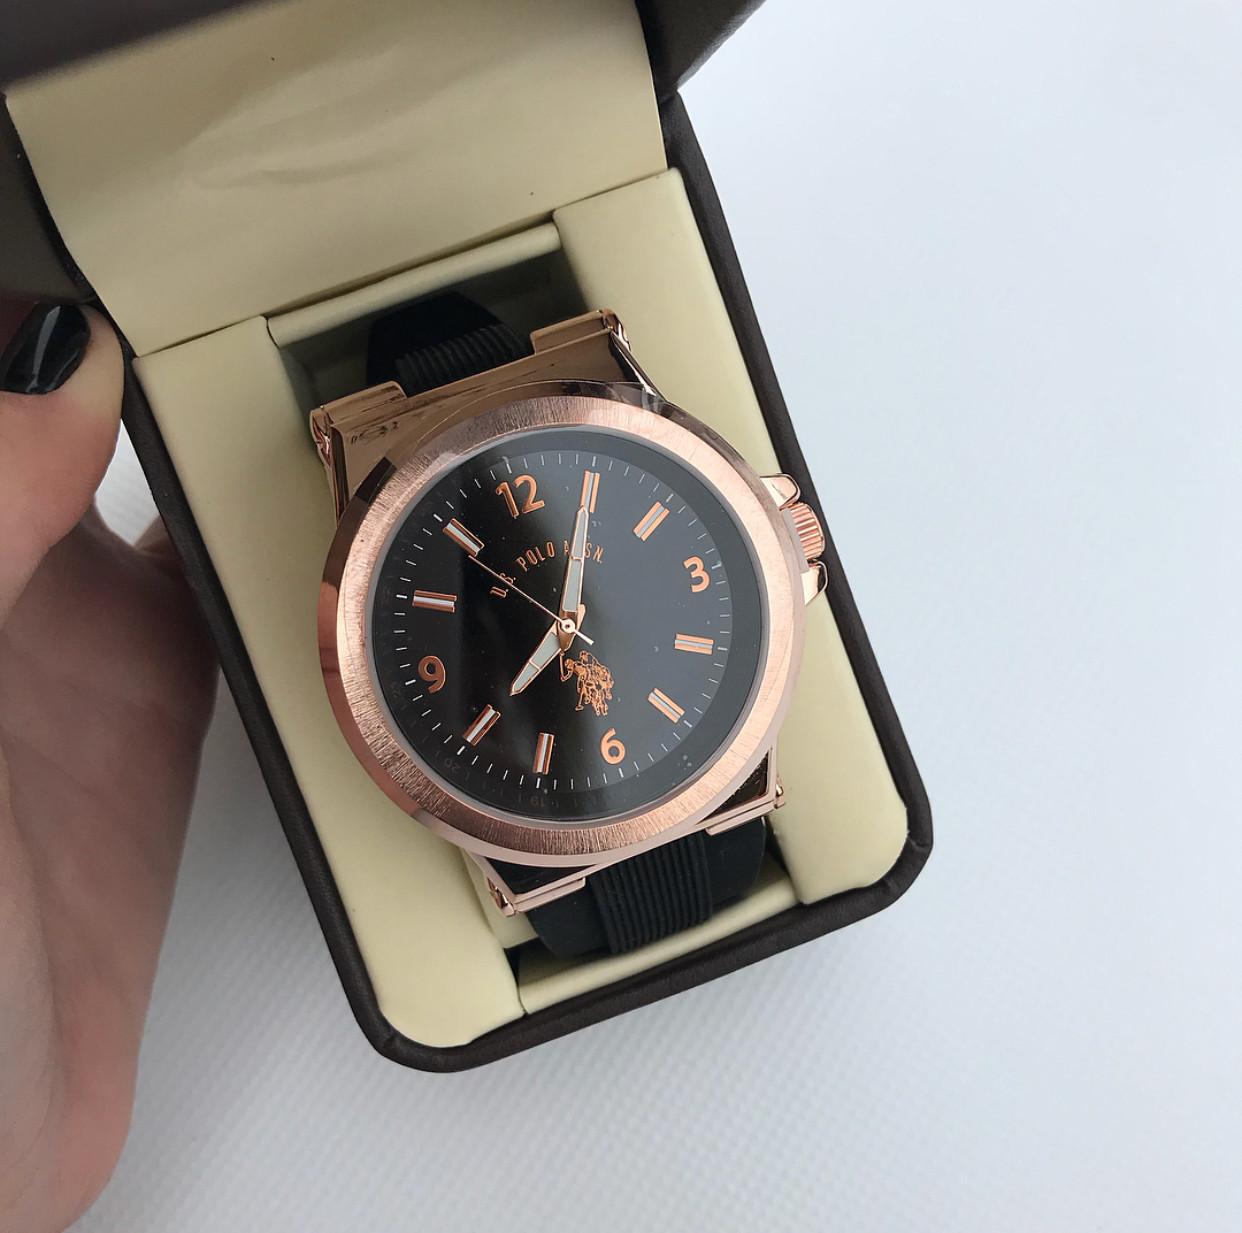 Картинки новые наручные часы шкатулка для хранения наручных часов